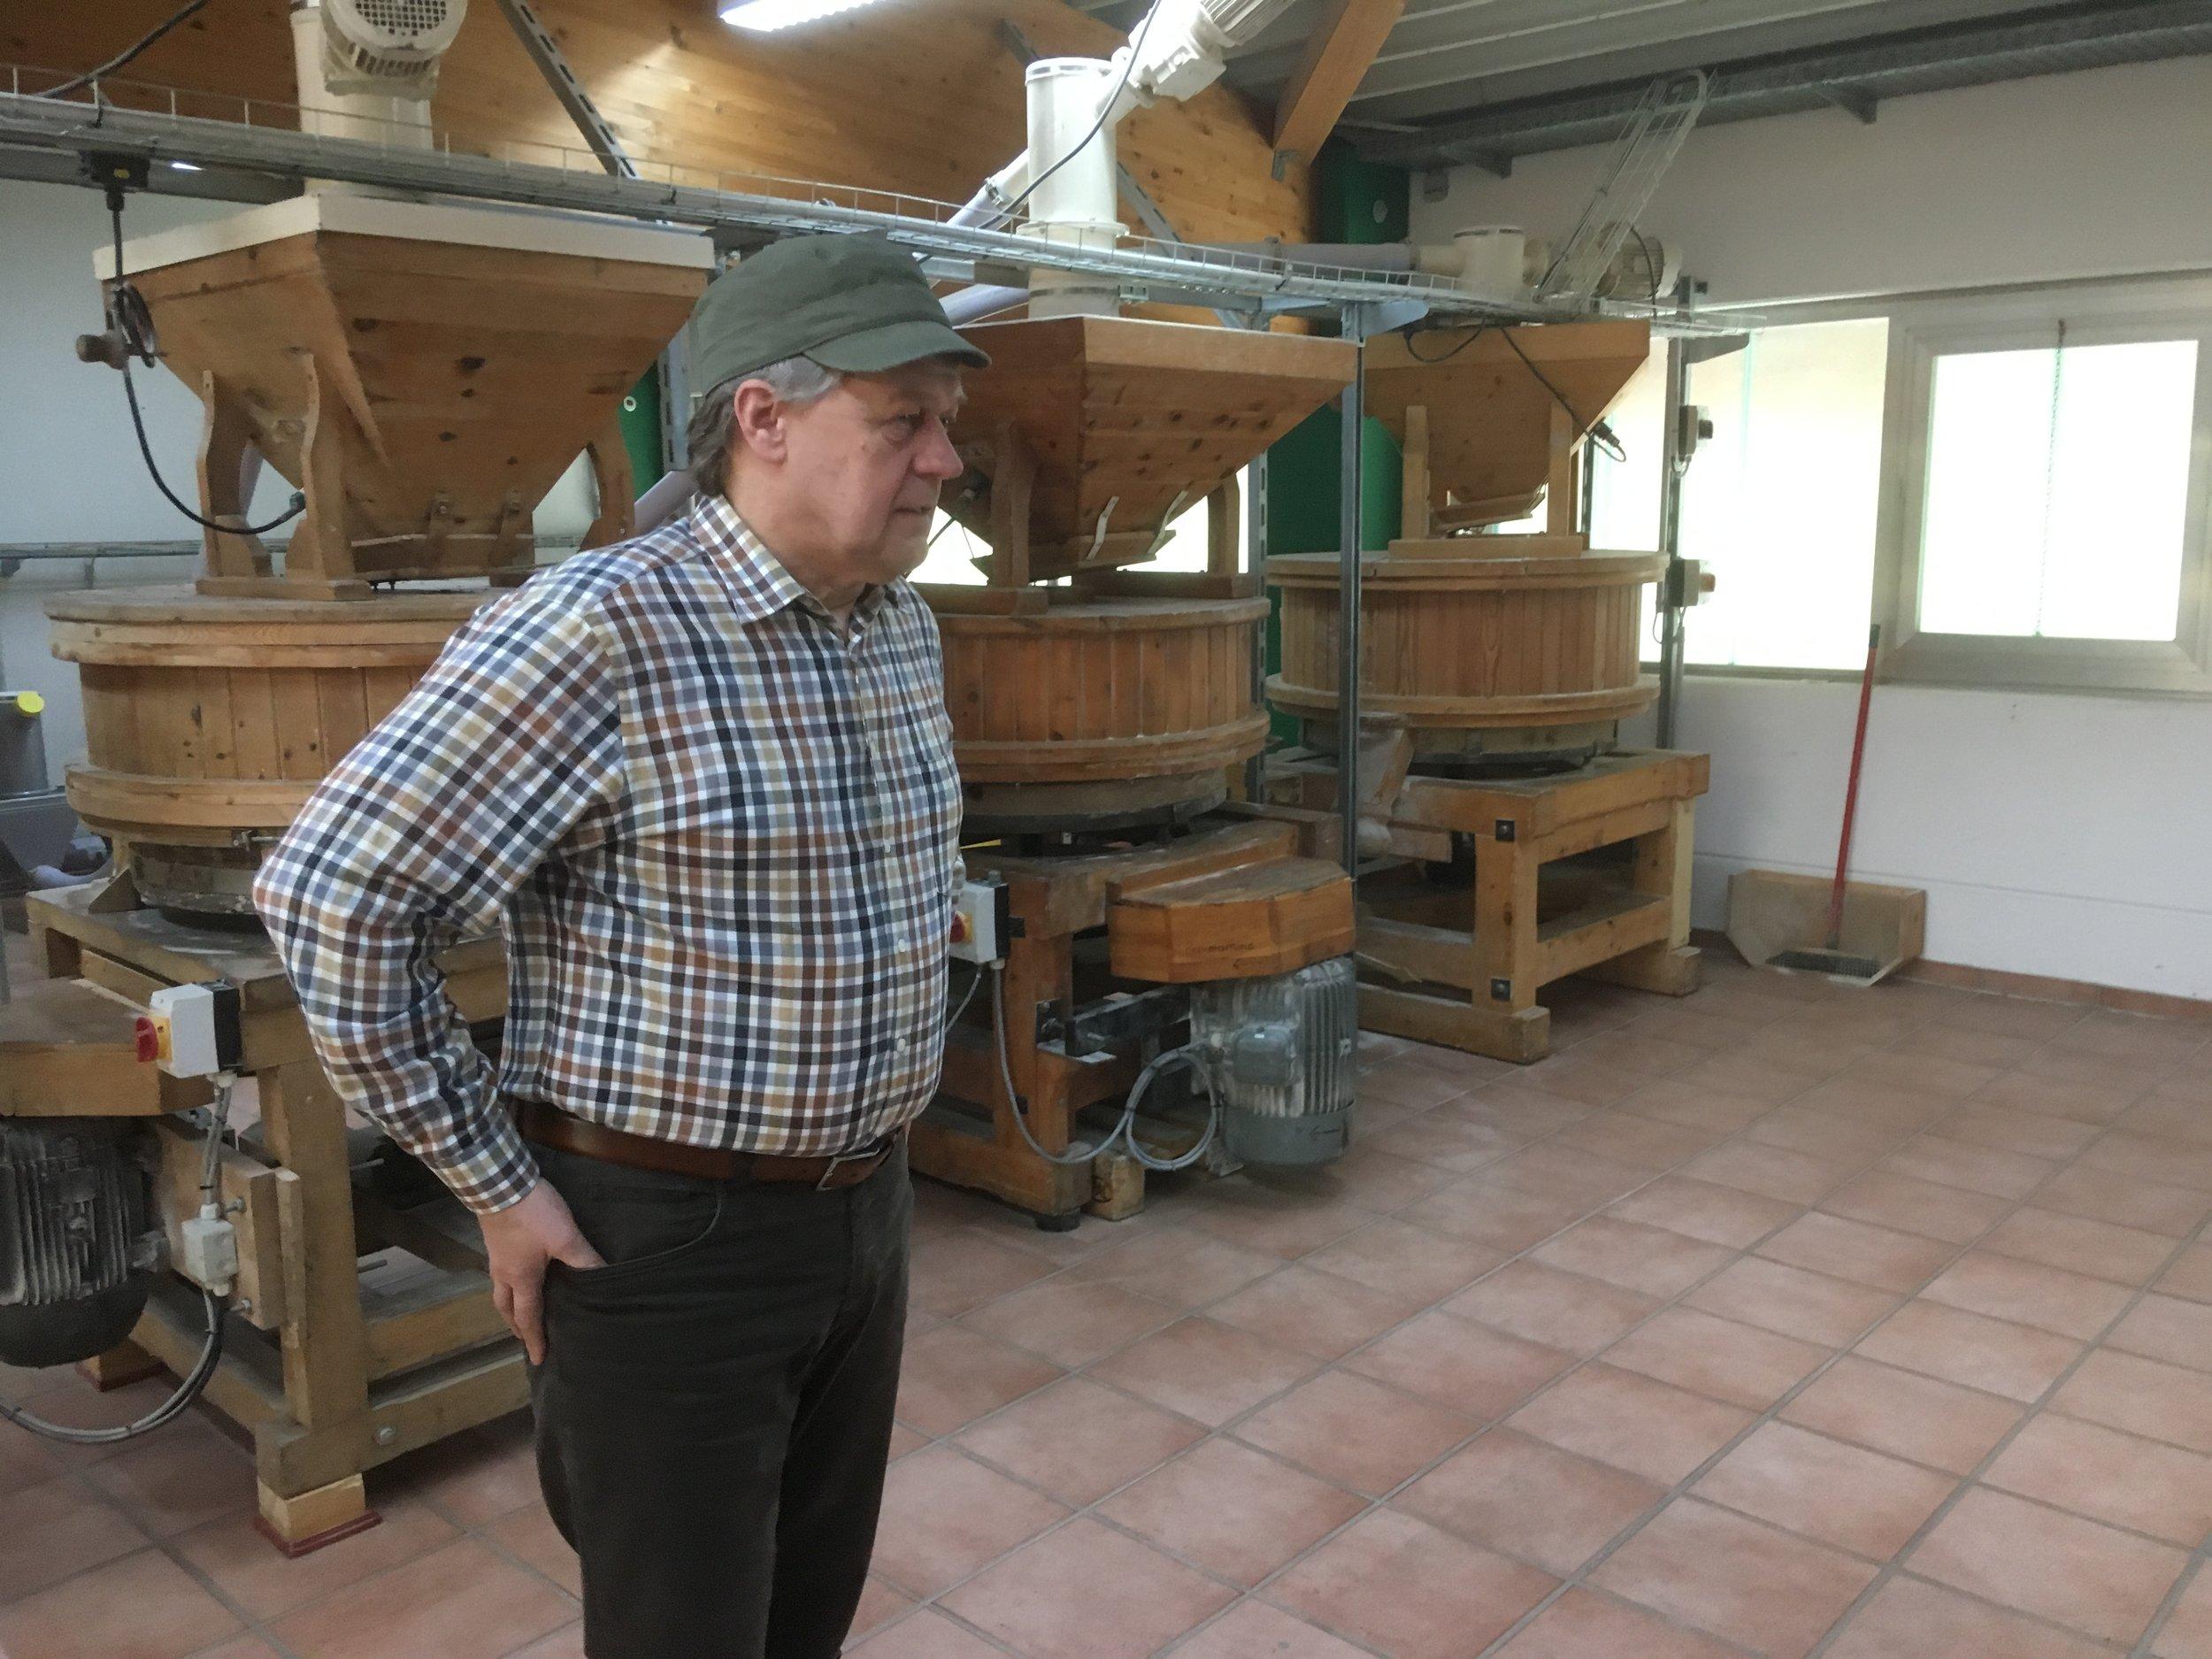 Bakker Schomaker en zijn 3 molen: Een voor tarwe, een voor rogge, een voor spelt